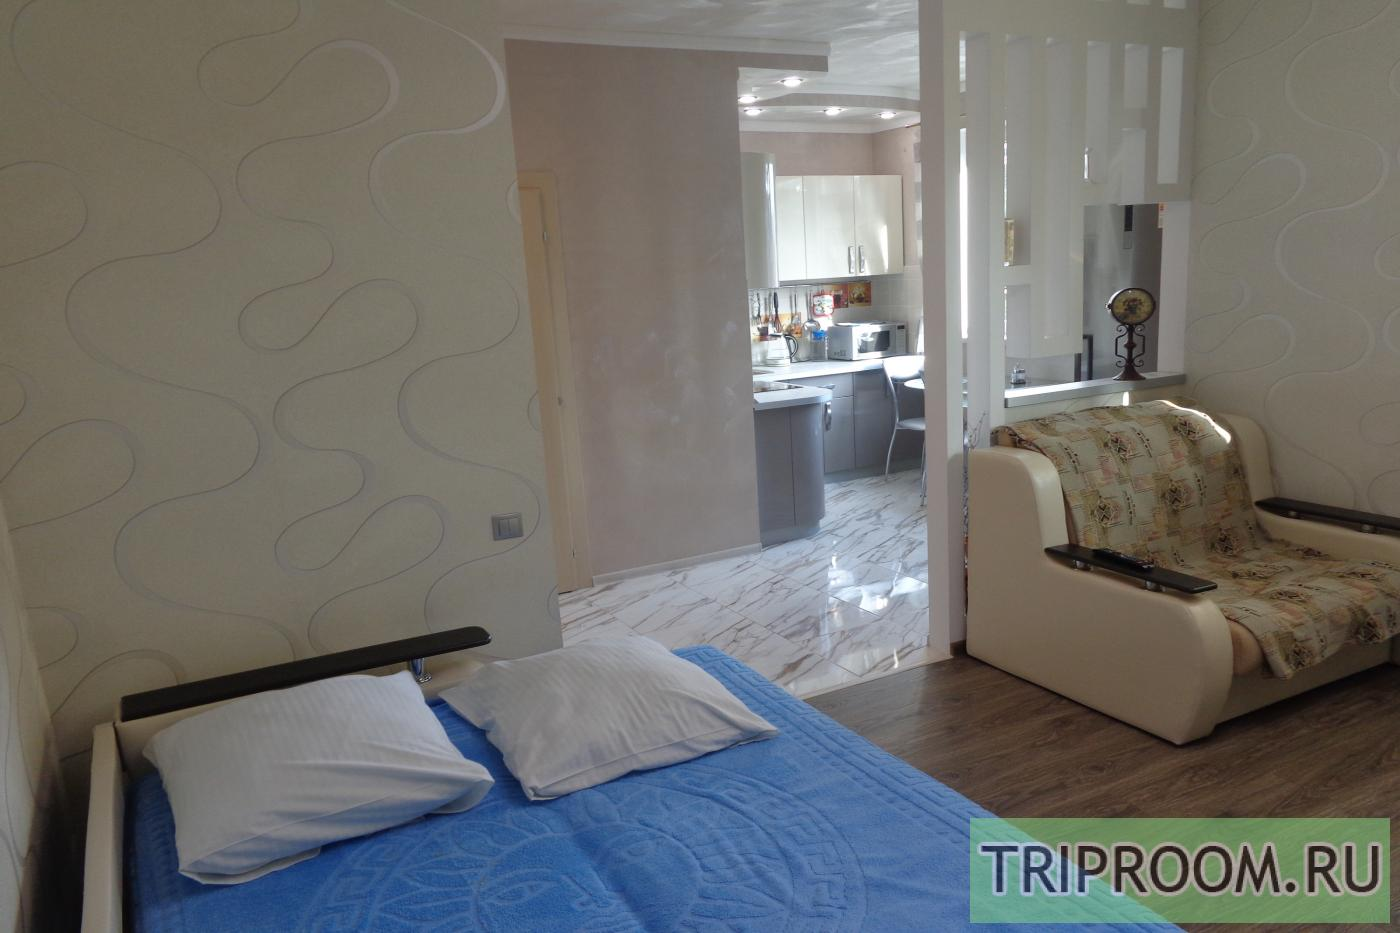 1-комнатная квартира посуточно (вариант № 10283), ул. Красноармейская улица, фото № 6